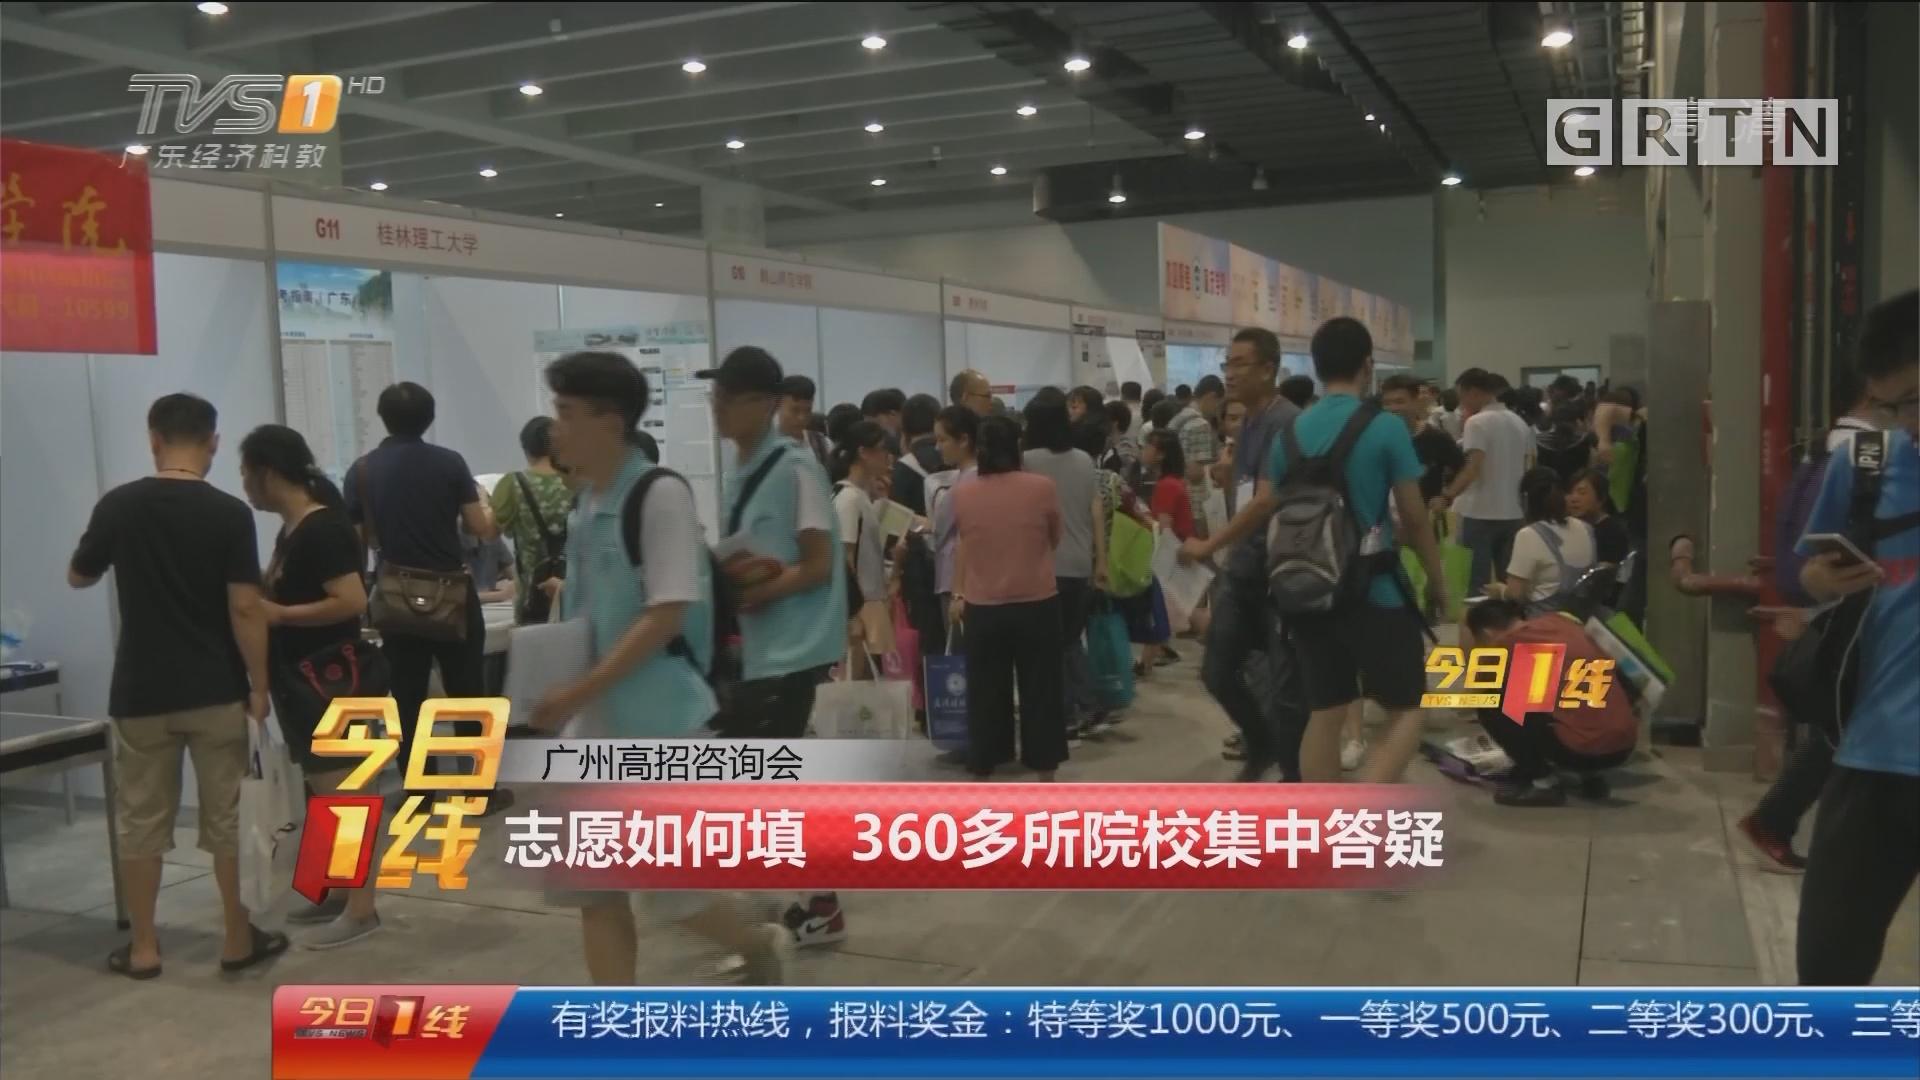 广州高招咨询会:志愿如何填 360多所院校集中答疑